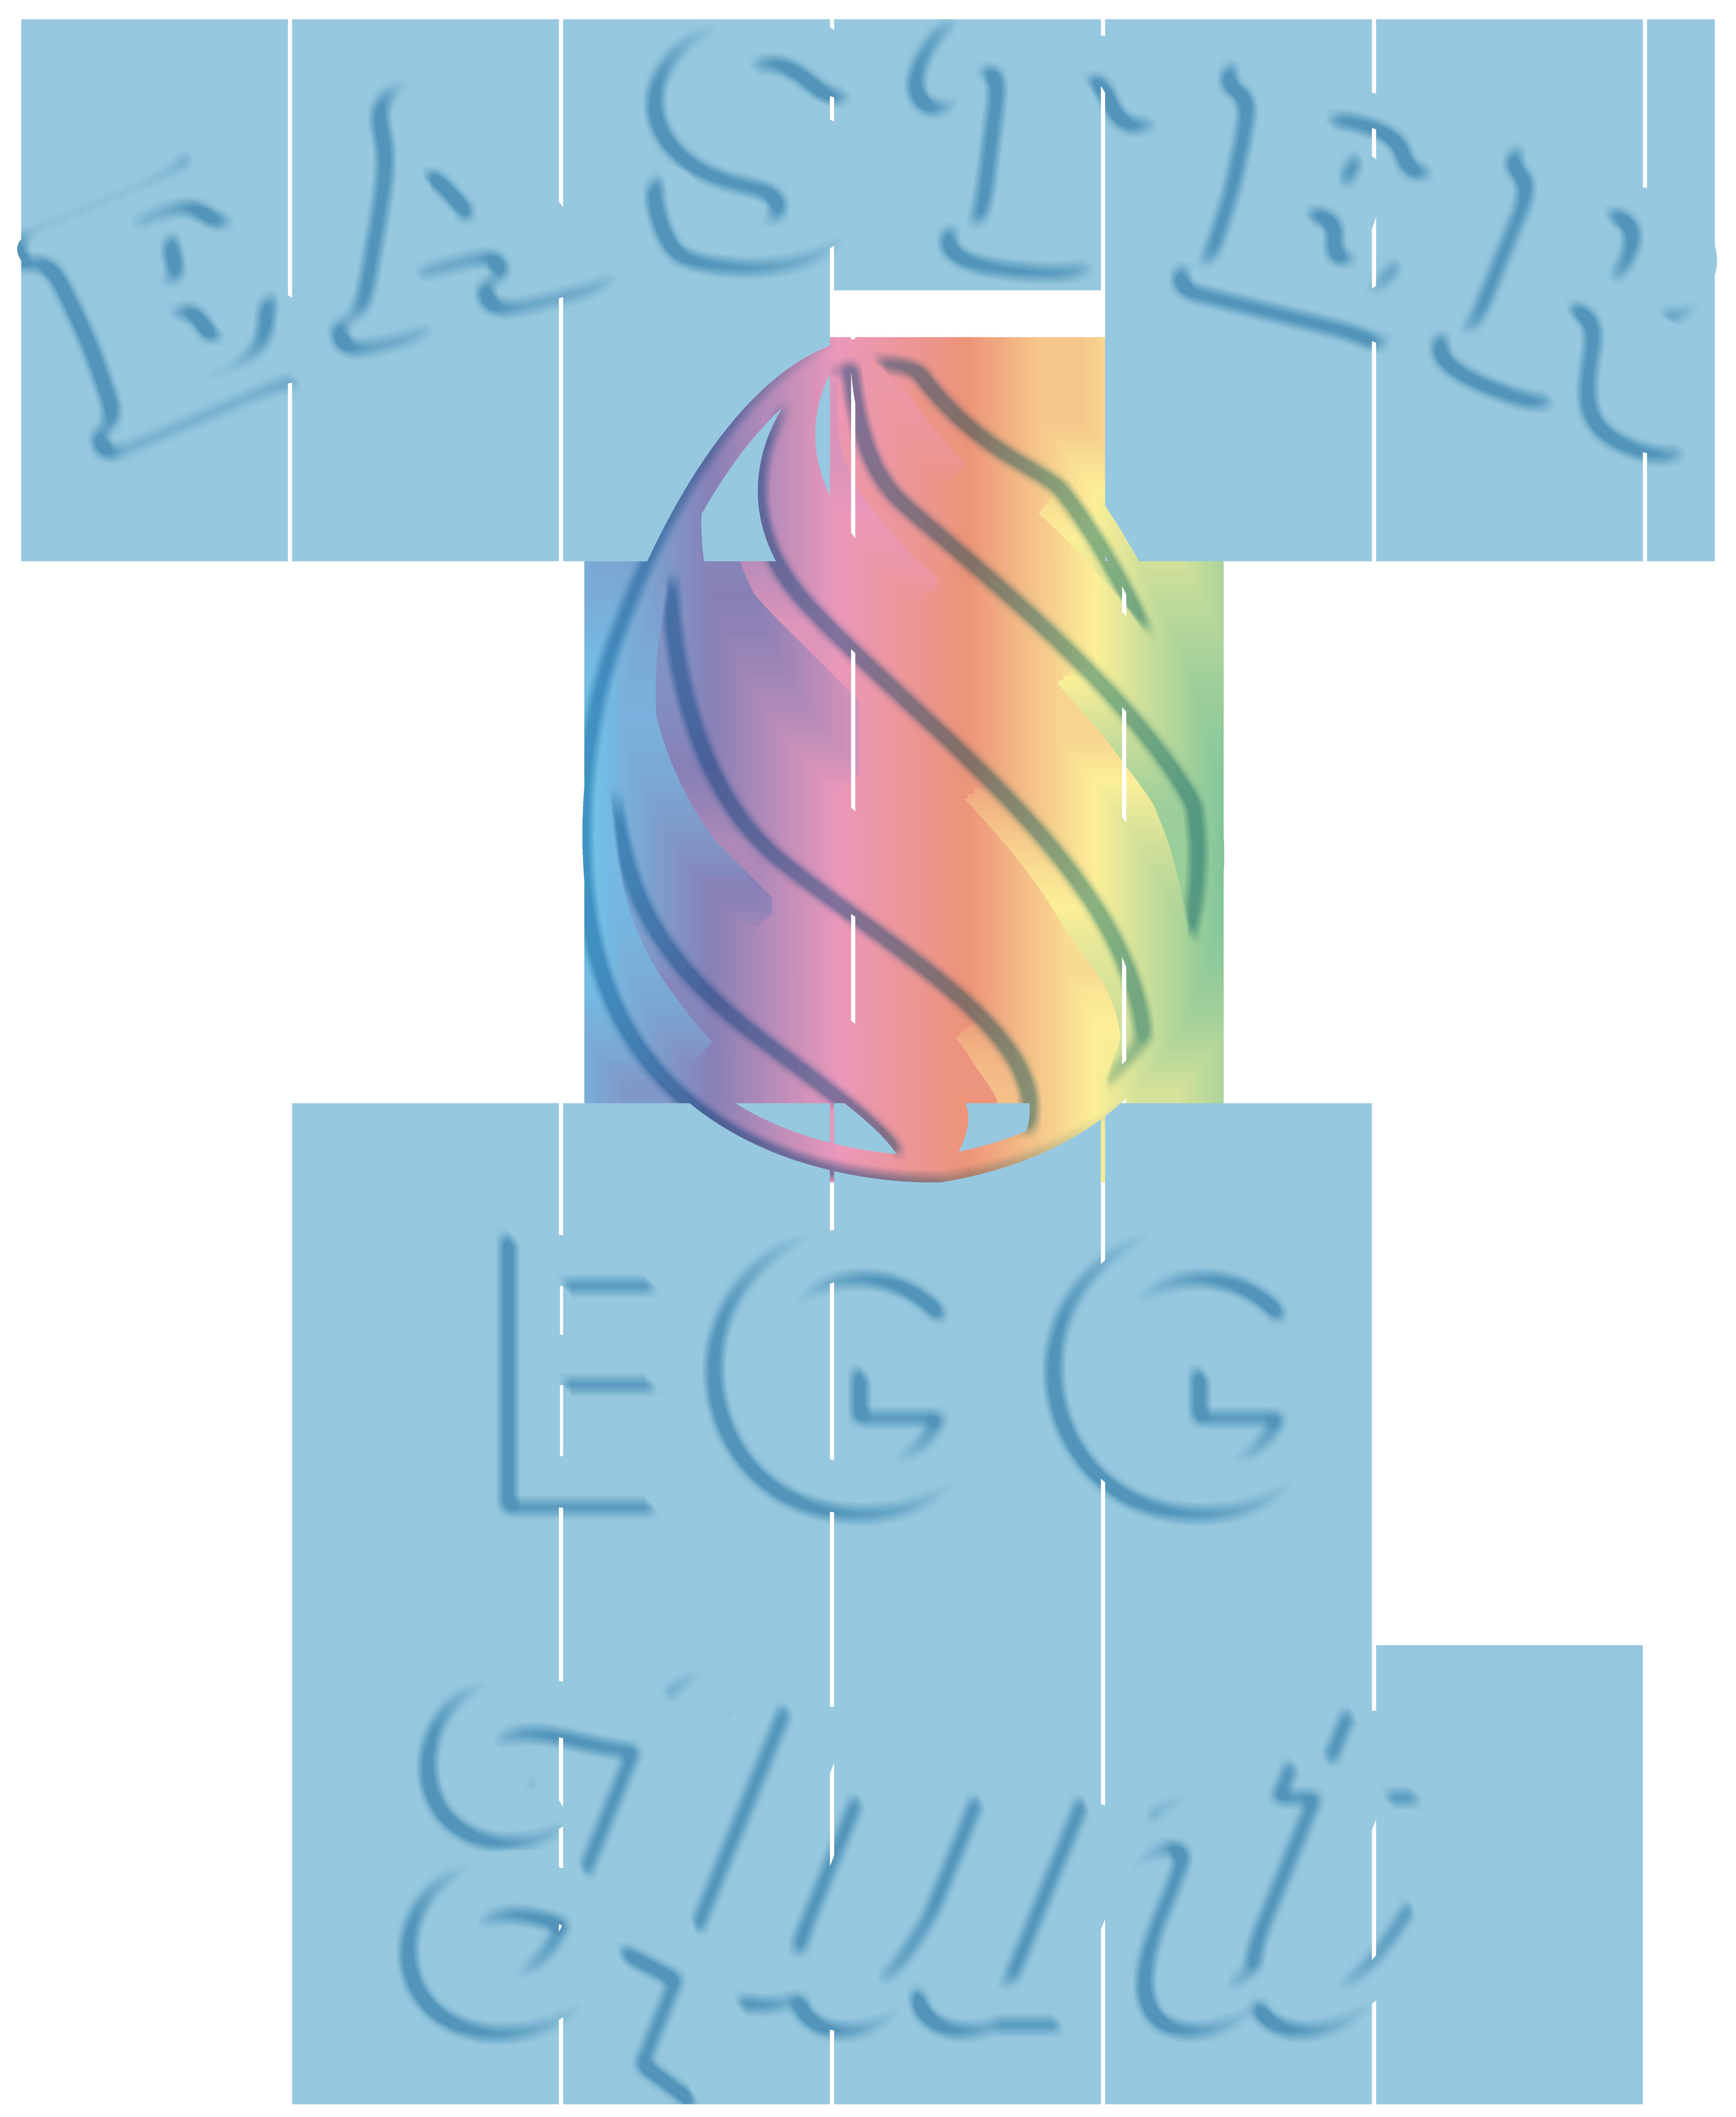 Easter Egg Hunt Clip Art PNG Image.